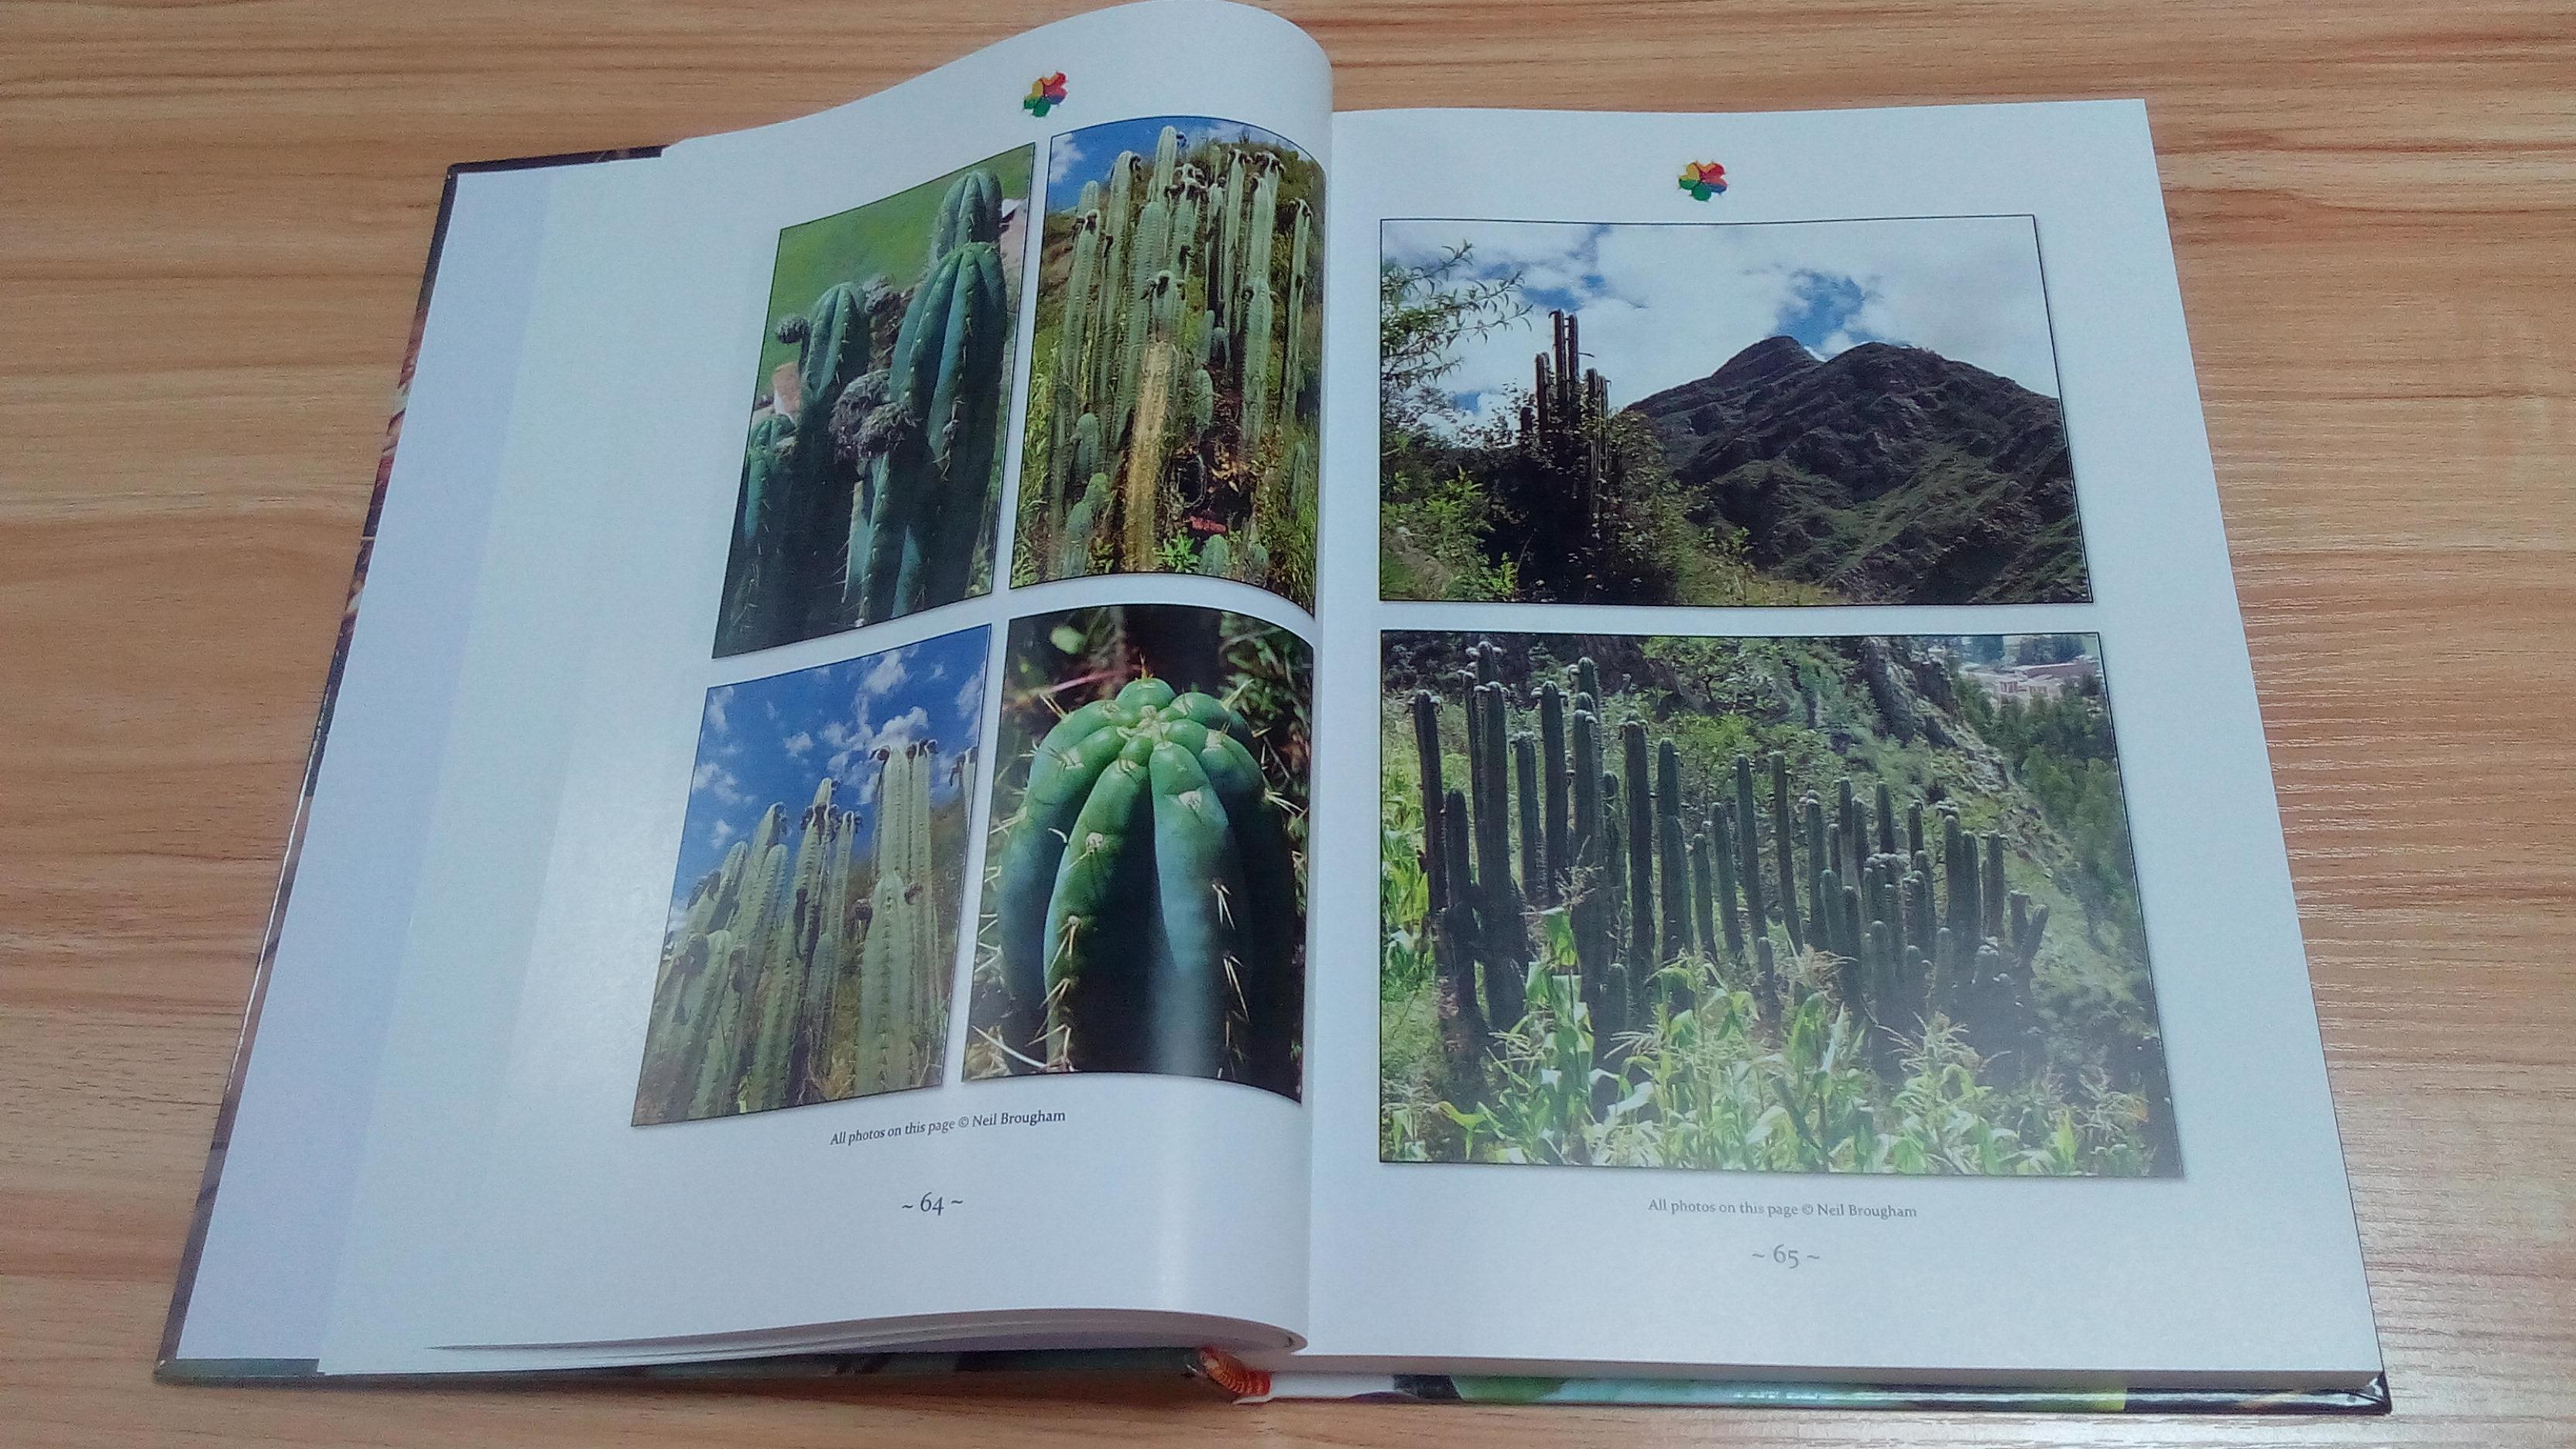 Trichocereus book Volume 1 Echinopsis cactus book 9